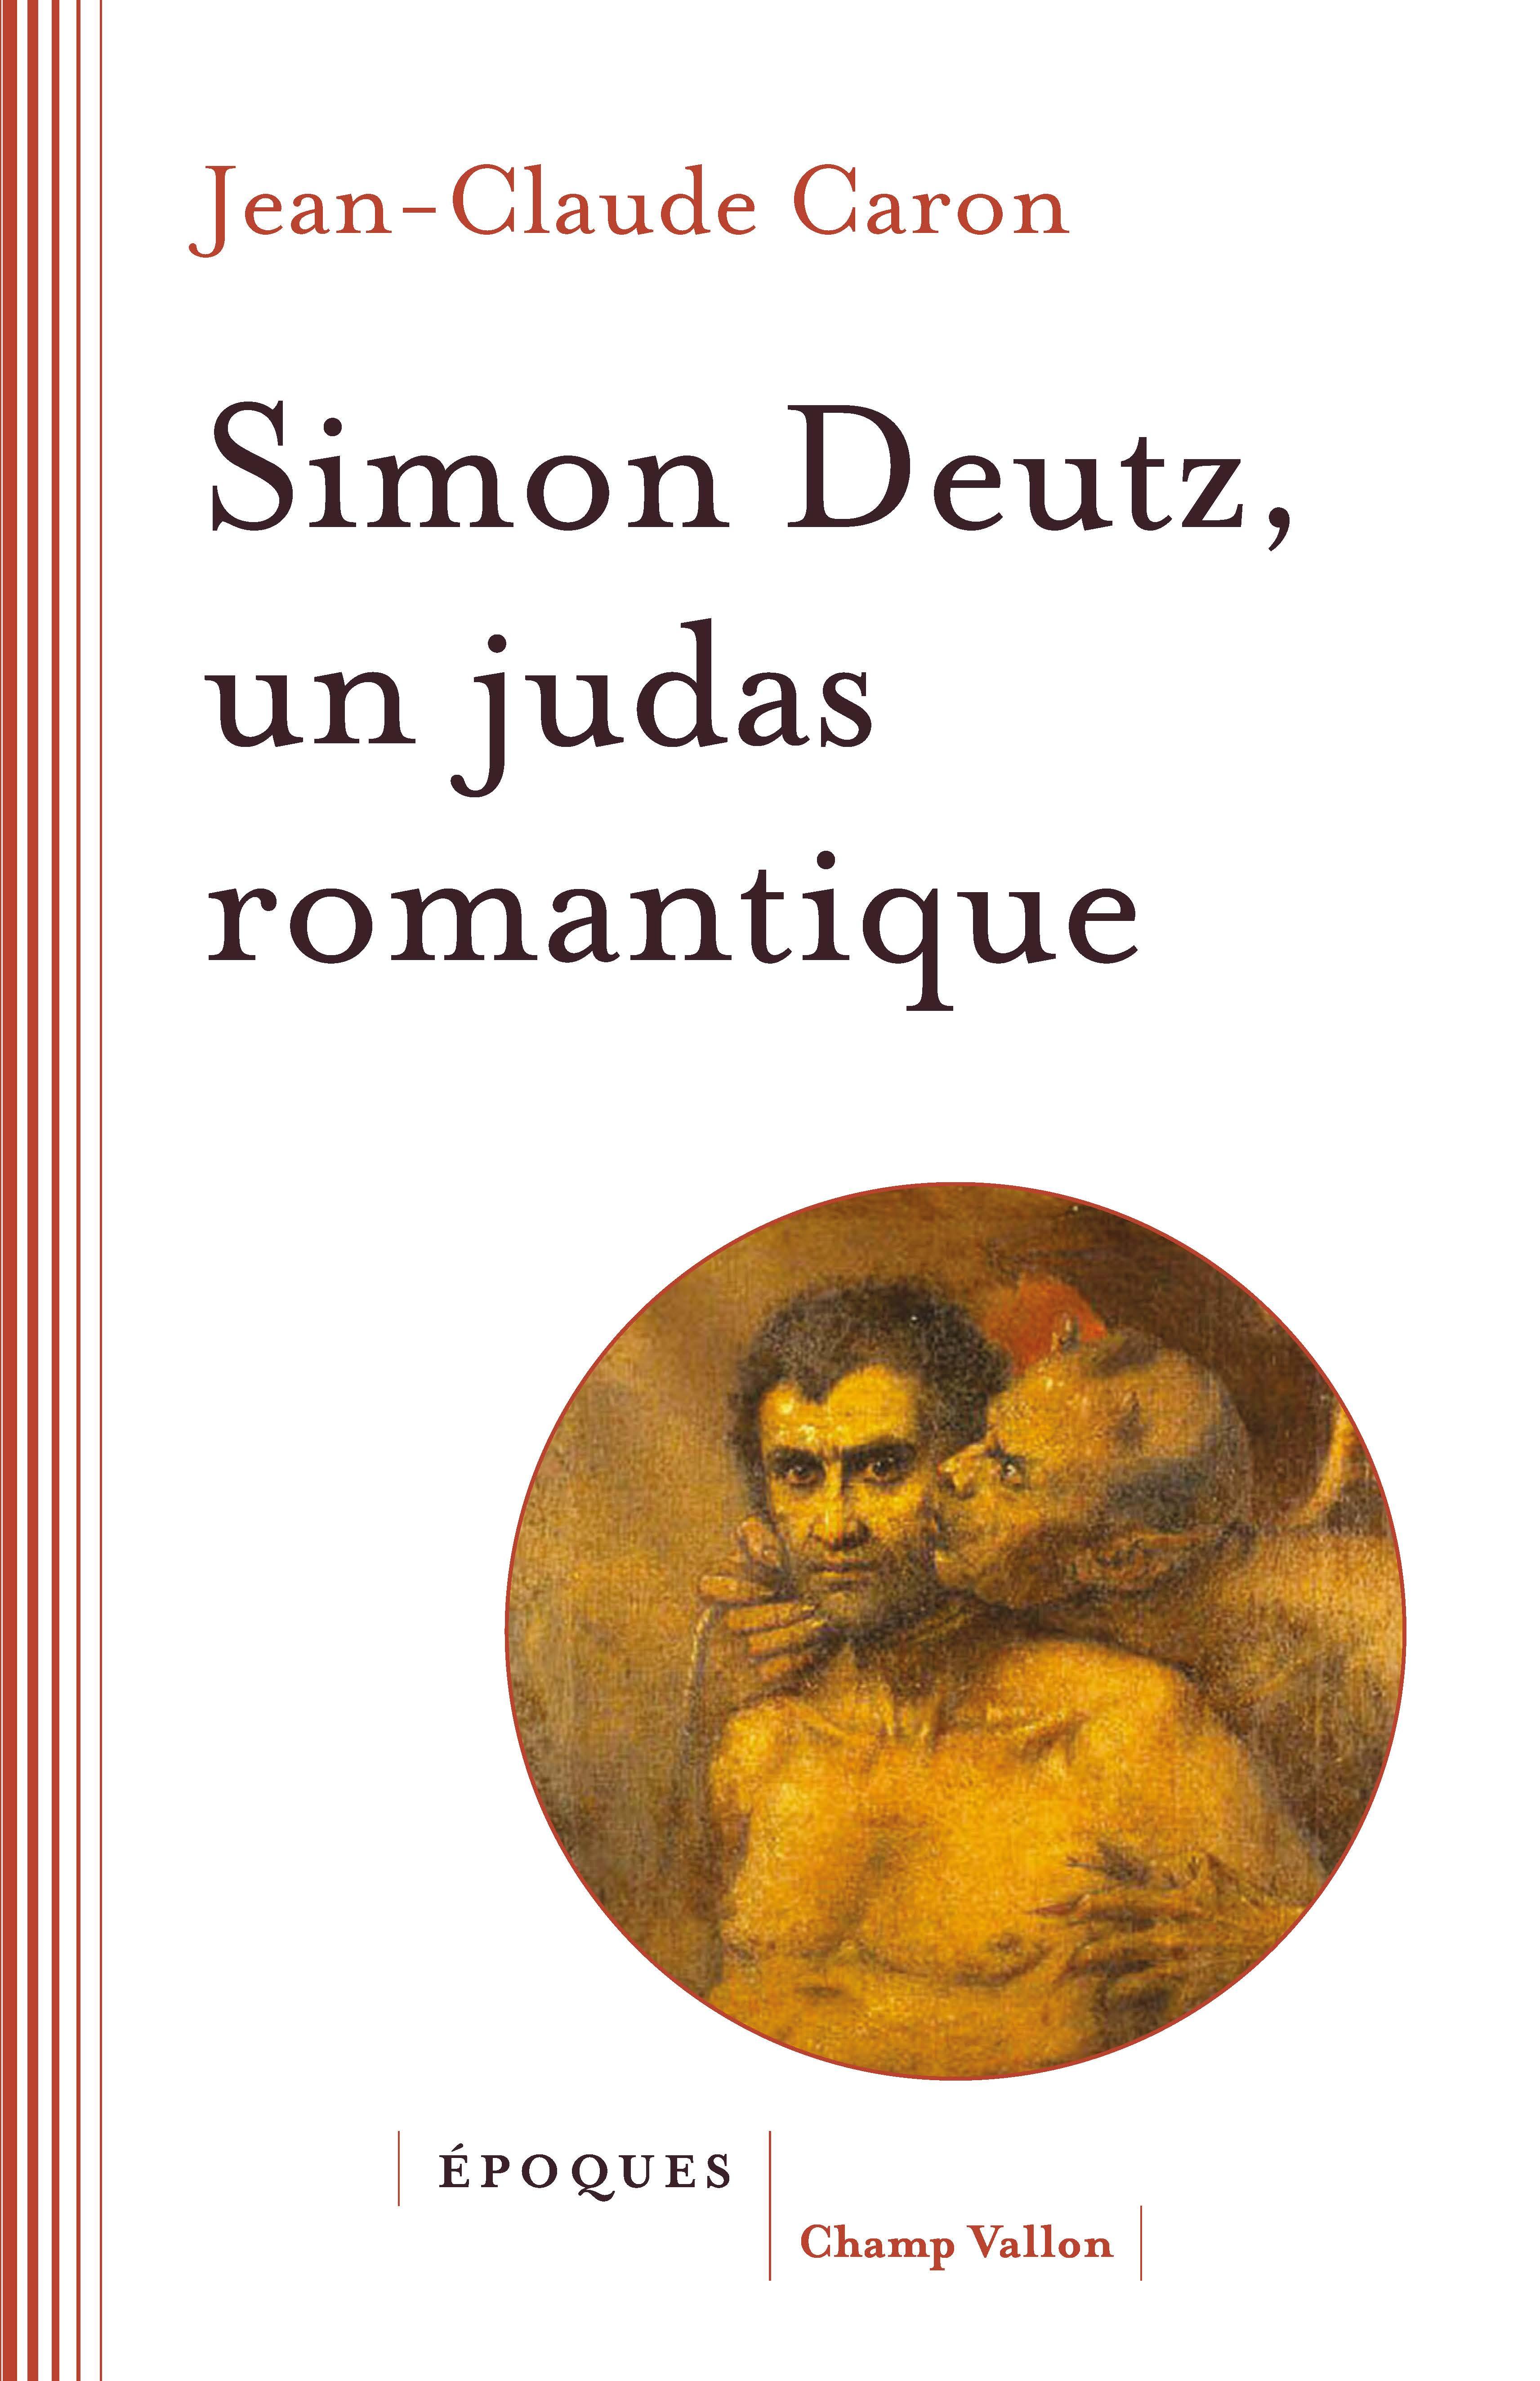 Simon Deutz, un Judas romantique